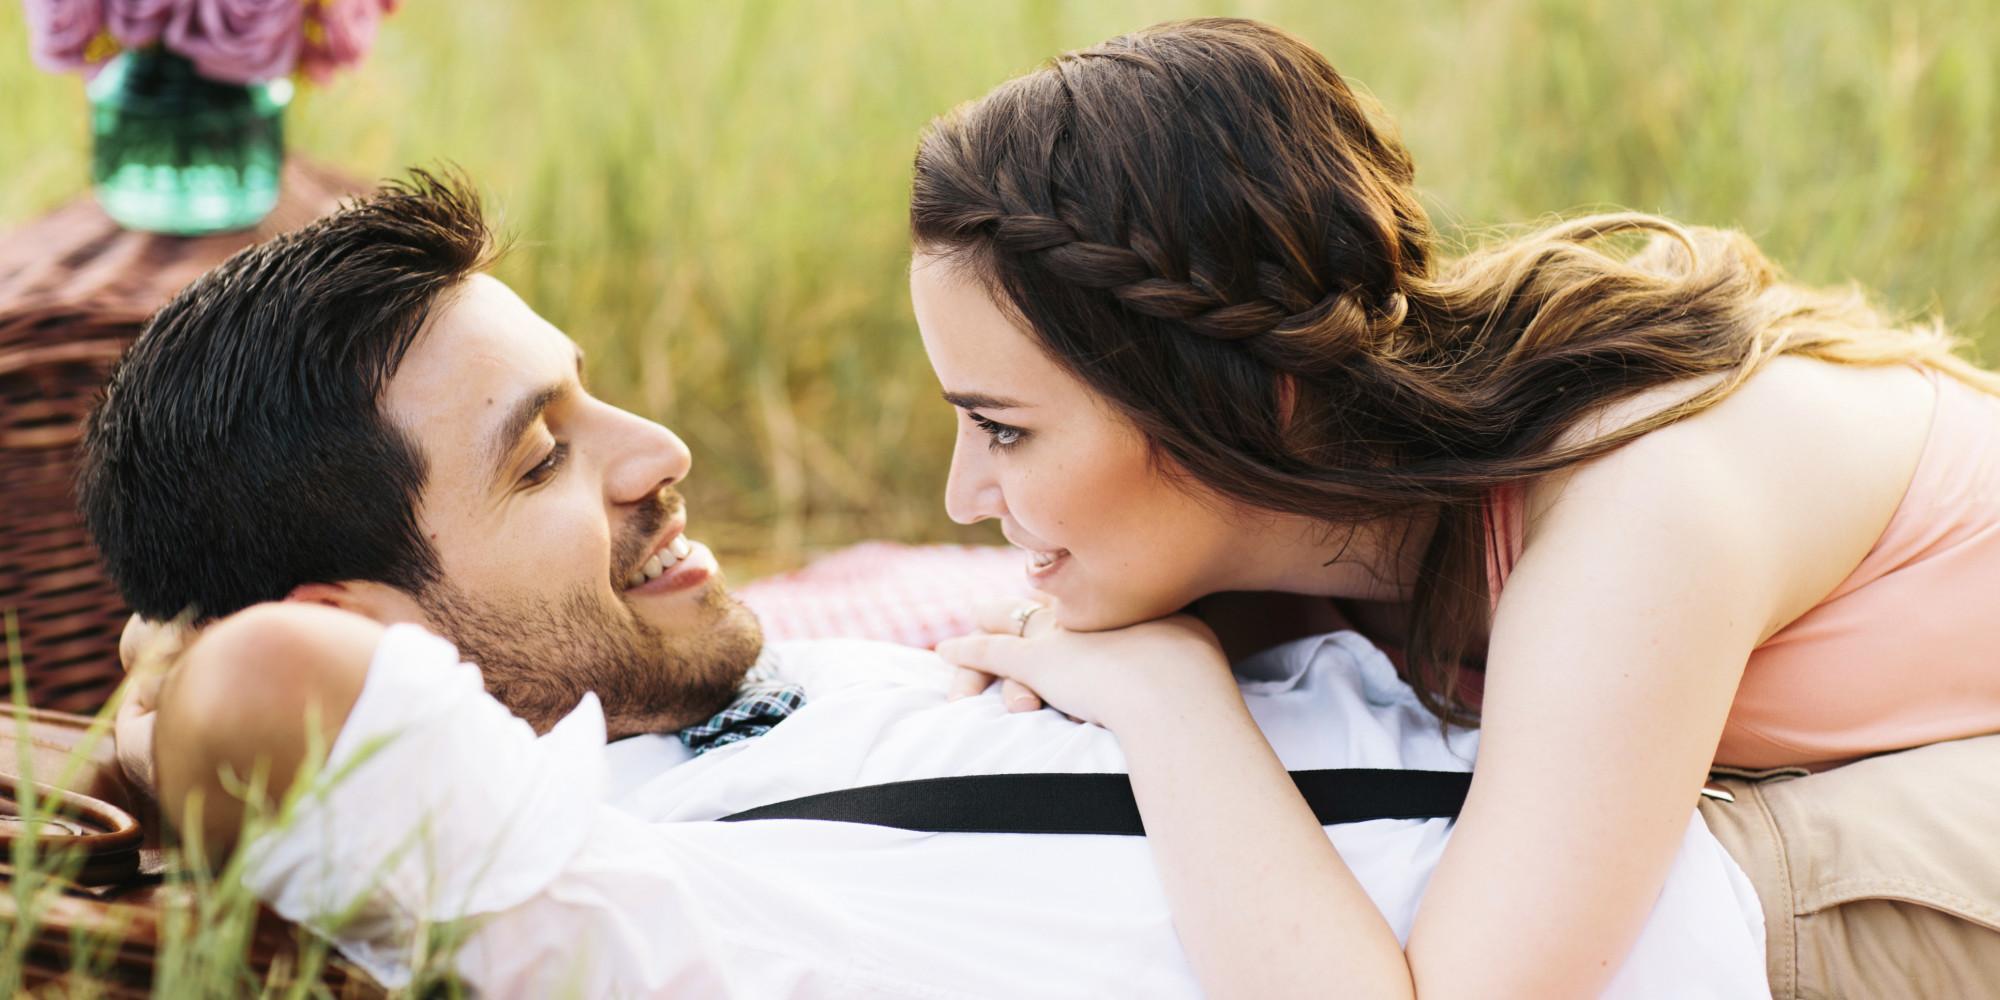 بالصور صور ازواج رومانسية صور كوبل عشاق رومانسية صور مغرومين رومانتيك , بوستات حب وغرام 4009 3